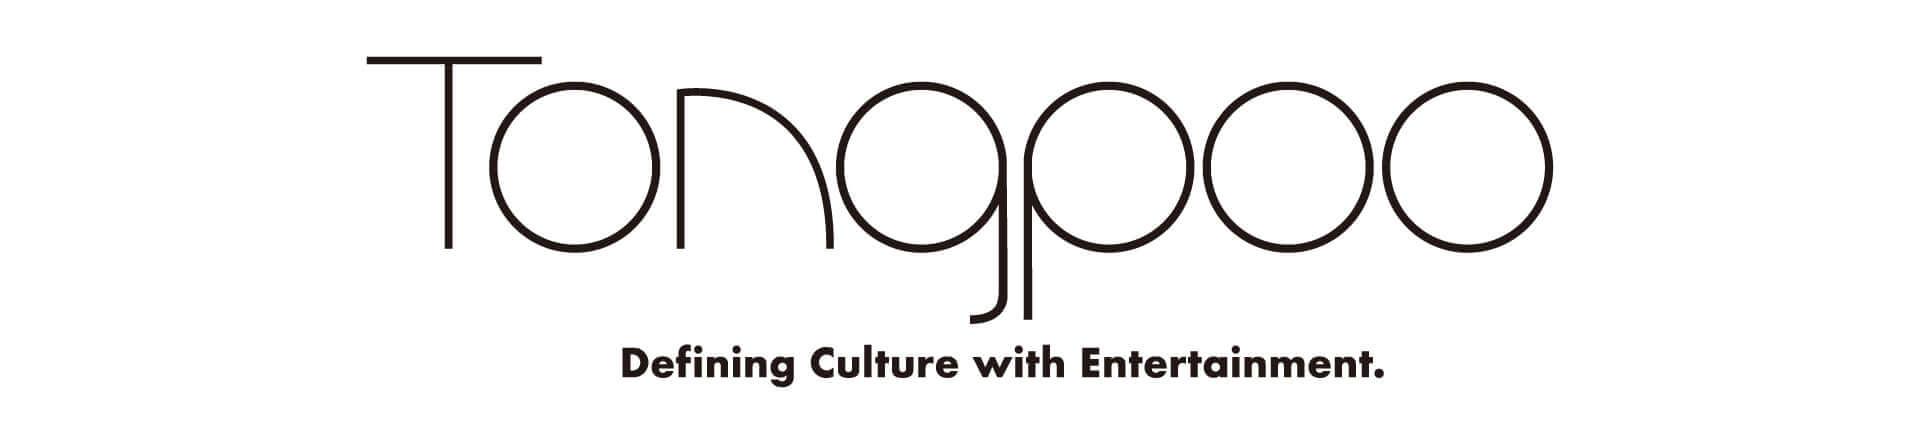 エグいネタバレは「エモい!」じゃすまされない、えもいわれぬ体験|PUNPEEが再定義したトークイベントの価値 music210709_punpee-tongpoo-logo_3-1920x439